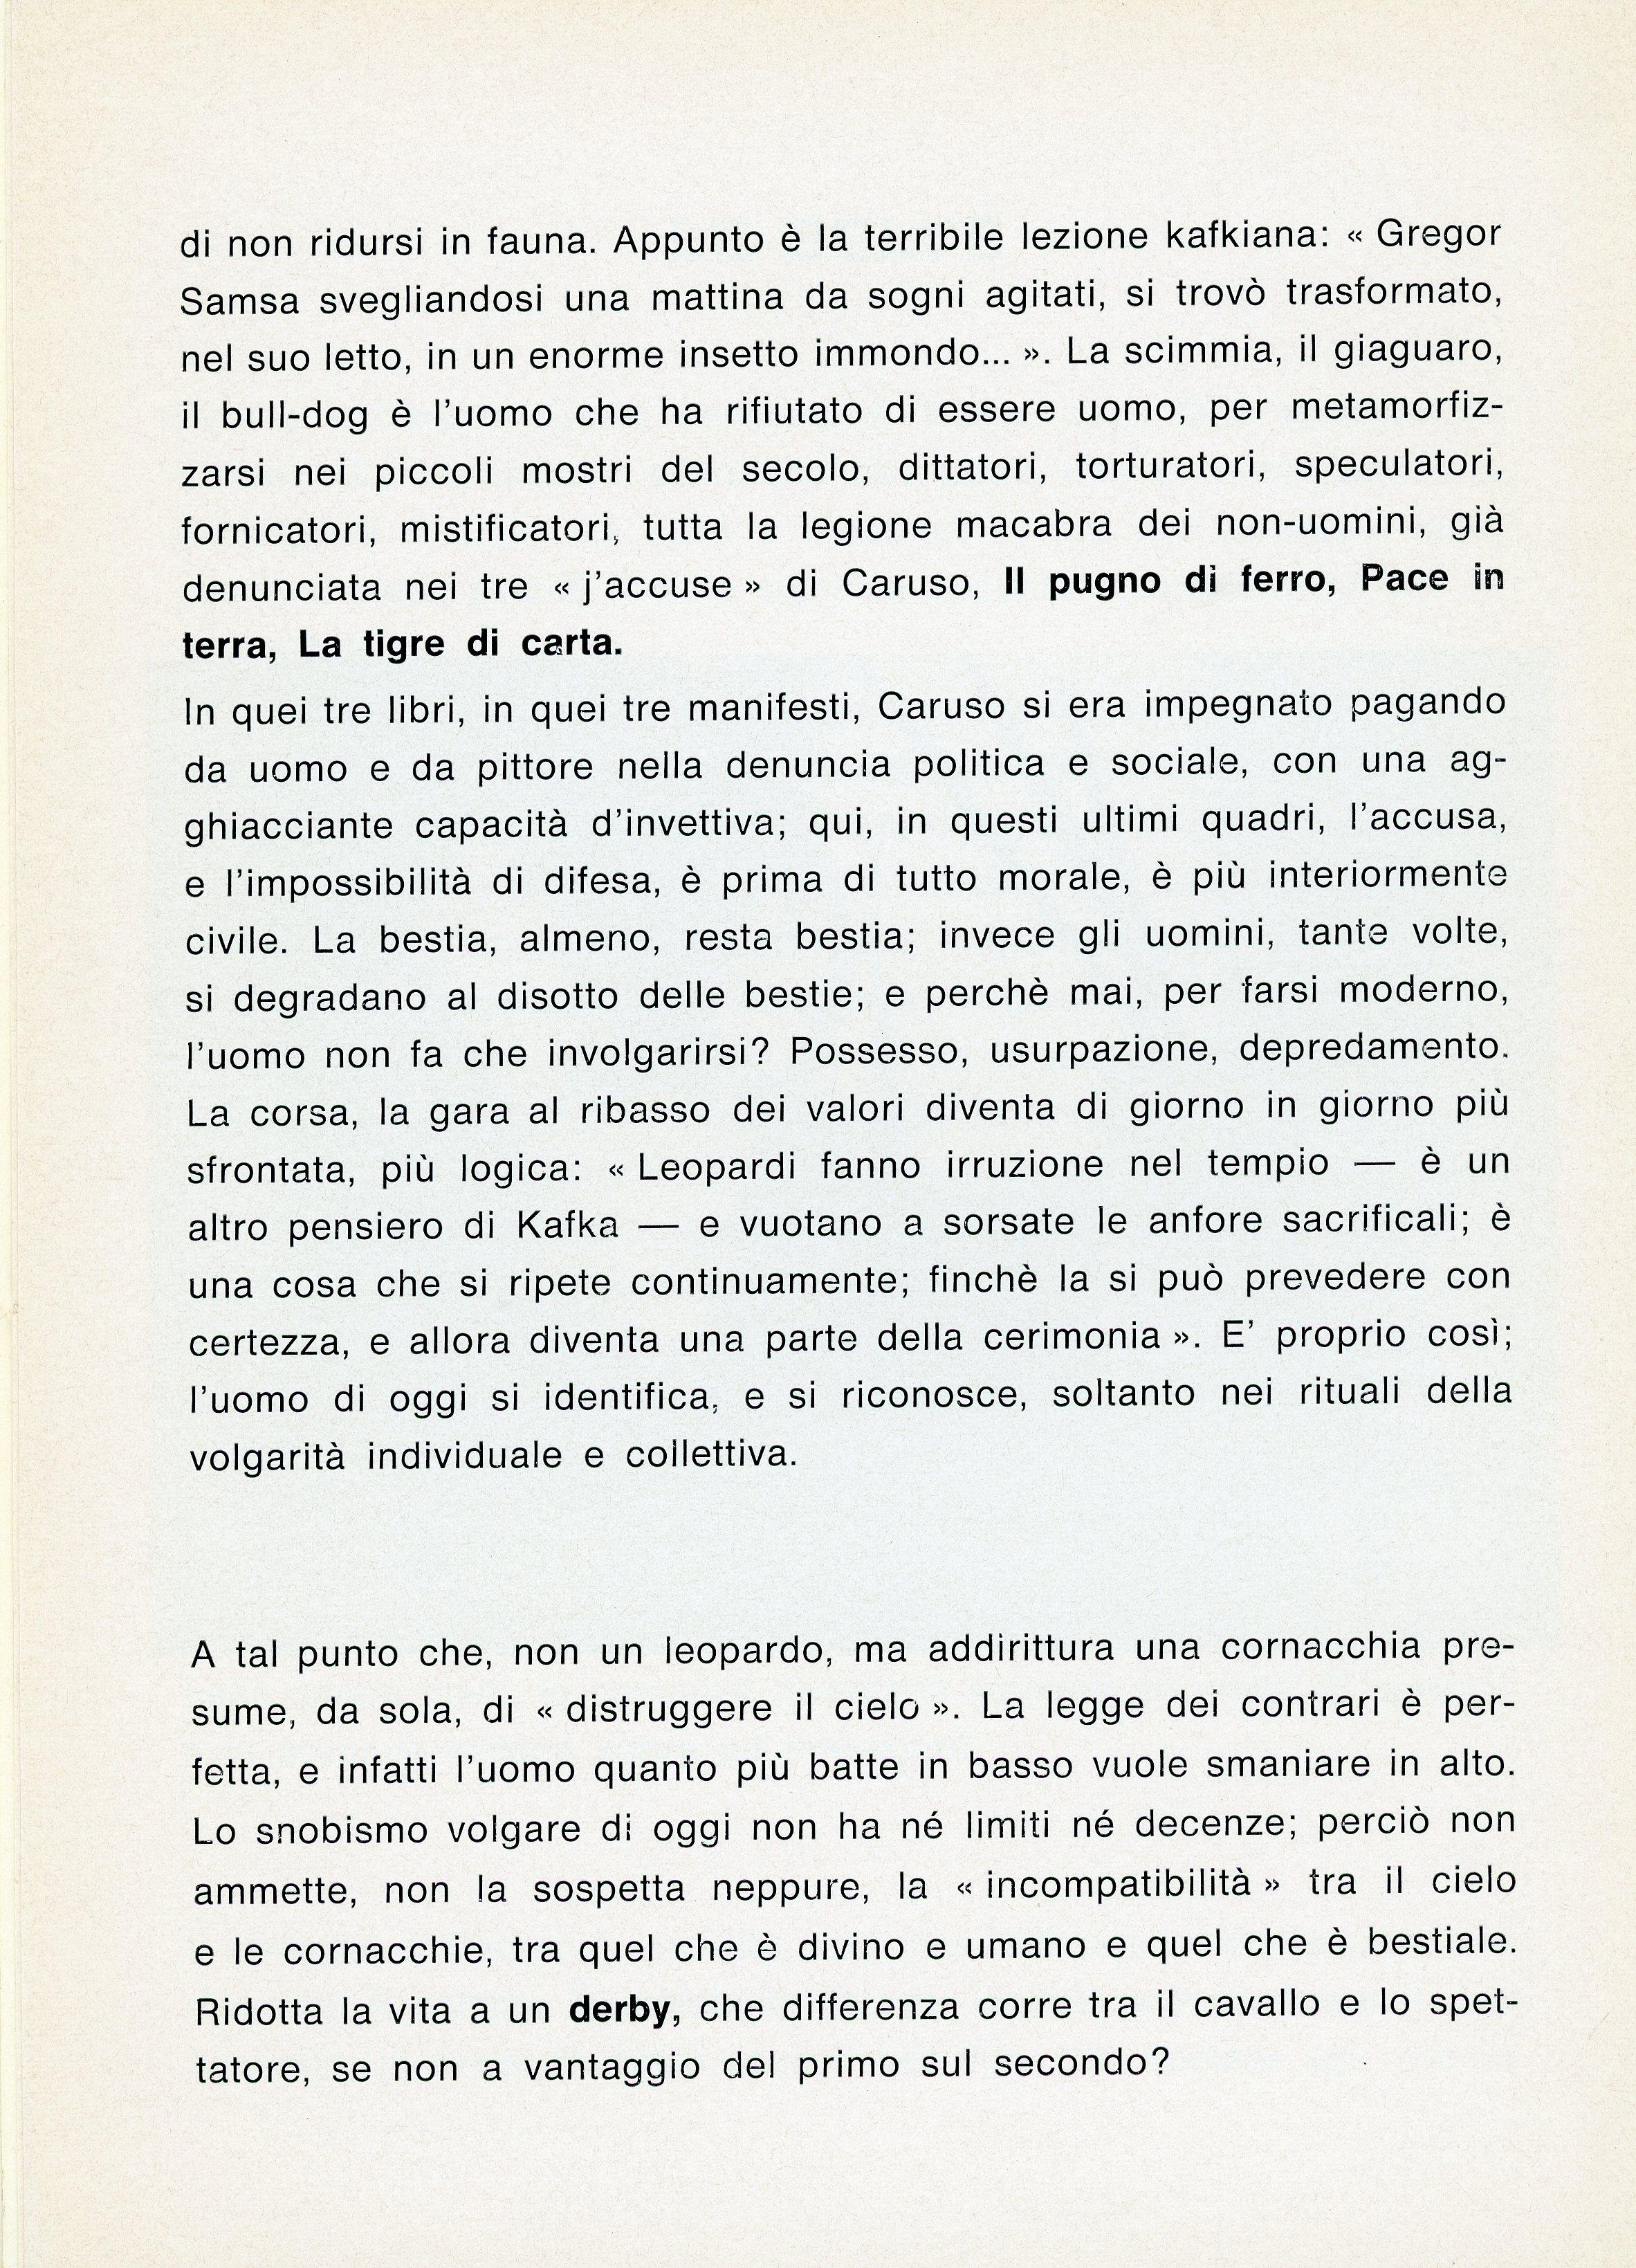 1965-01 Galleria 32 - Bruno Caruso_06.jpg